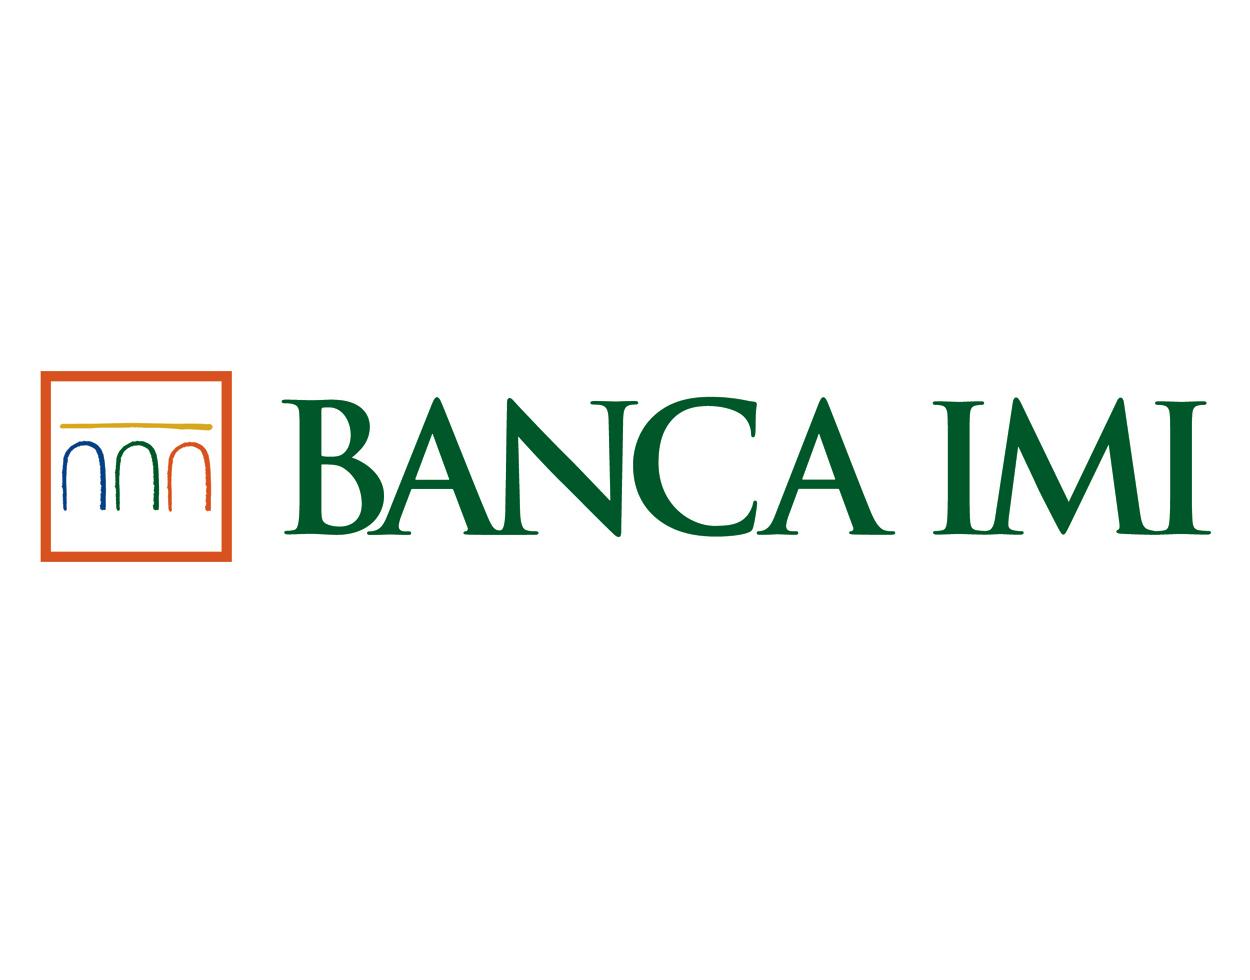 Il logo di Banca IMI